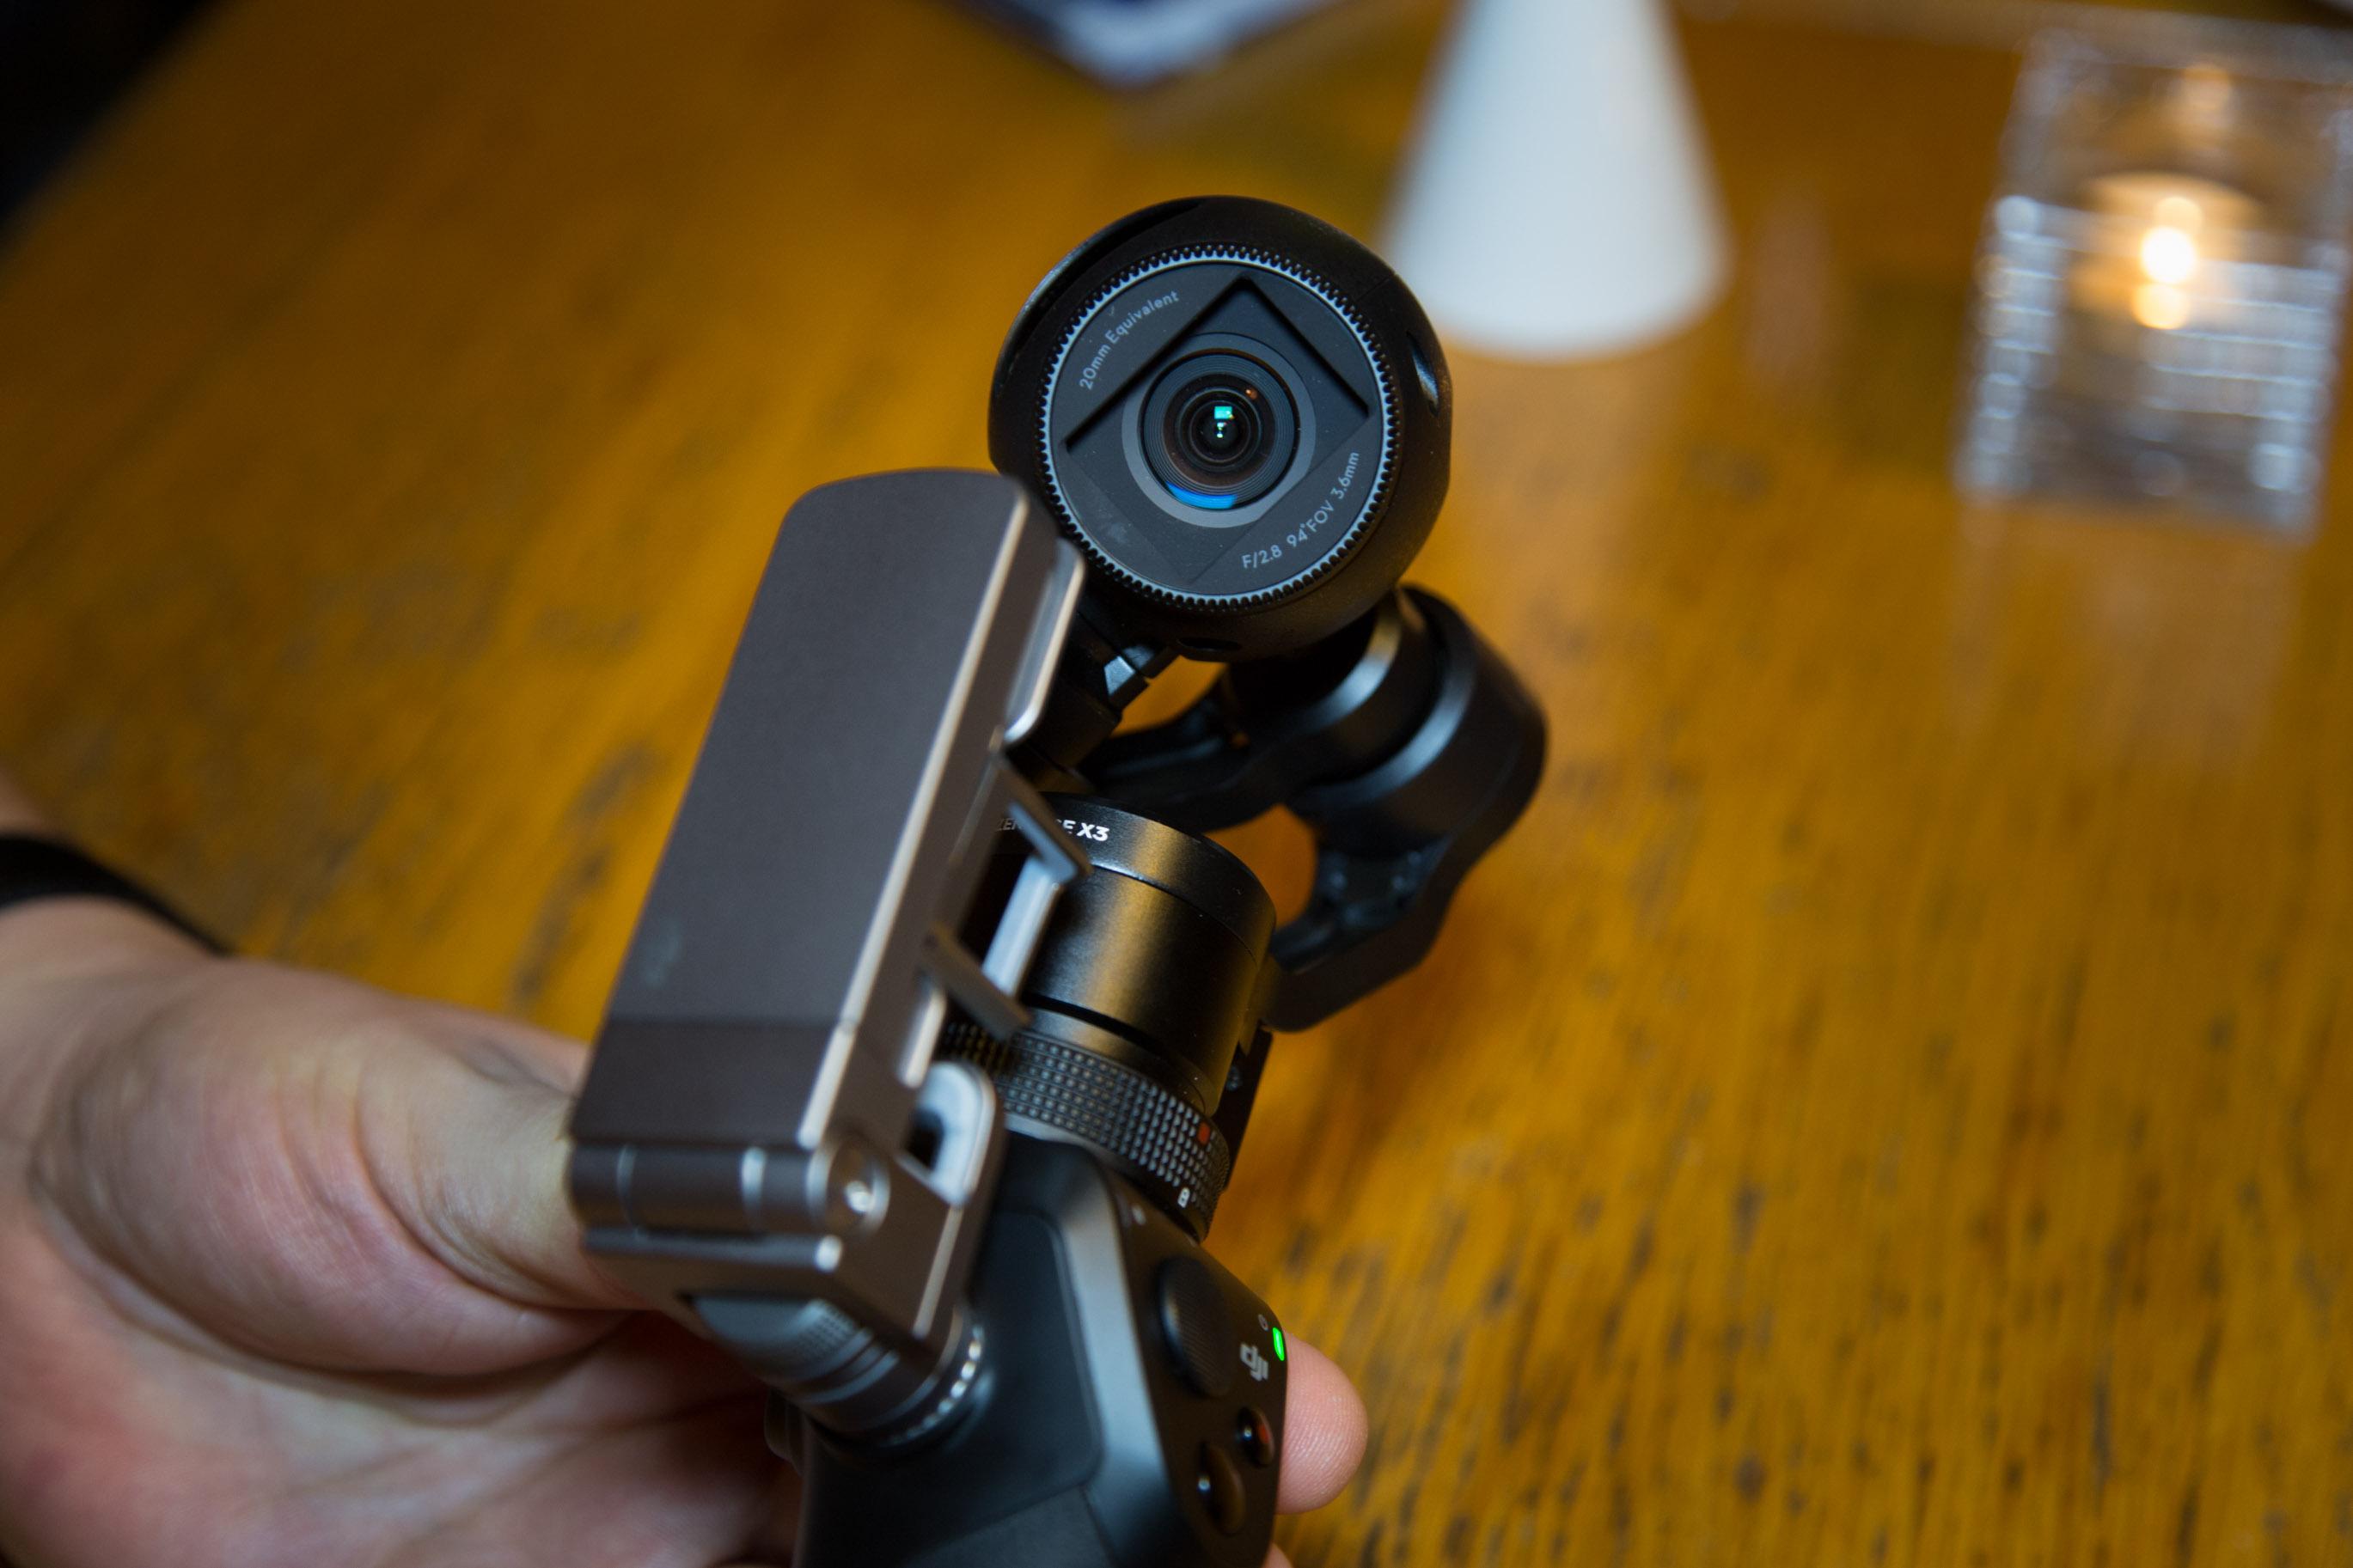 Osmo im Hands on: DJI präsentiert stabilisierte Handkamera für 750 Euro - Die Kamera des Osmo hat 12,4 Megapixel. (Bild: Martin Wolf/Golem.de)